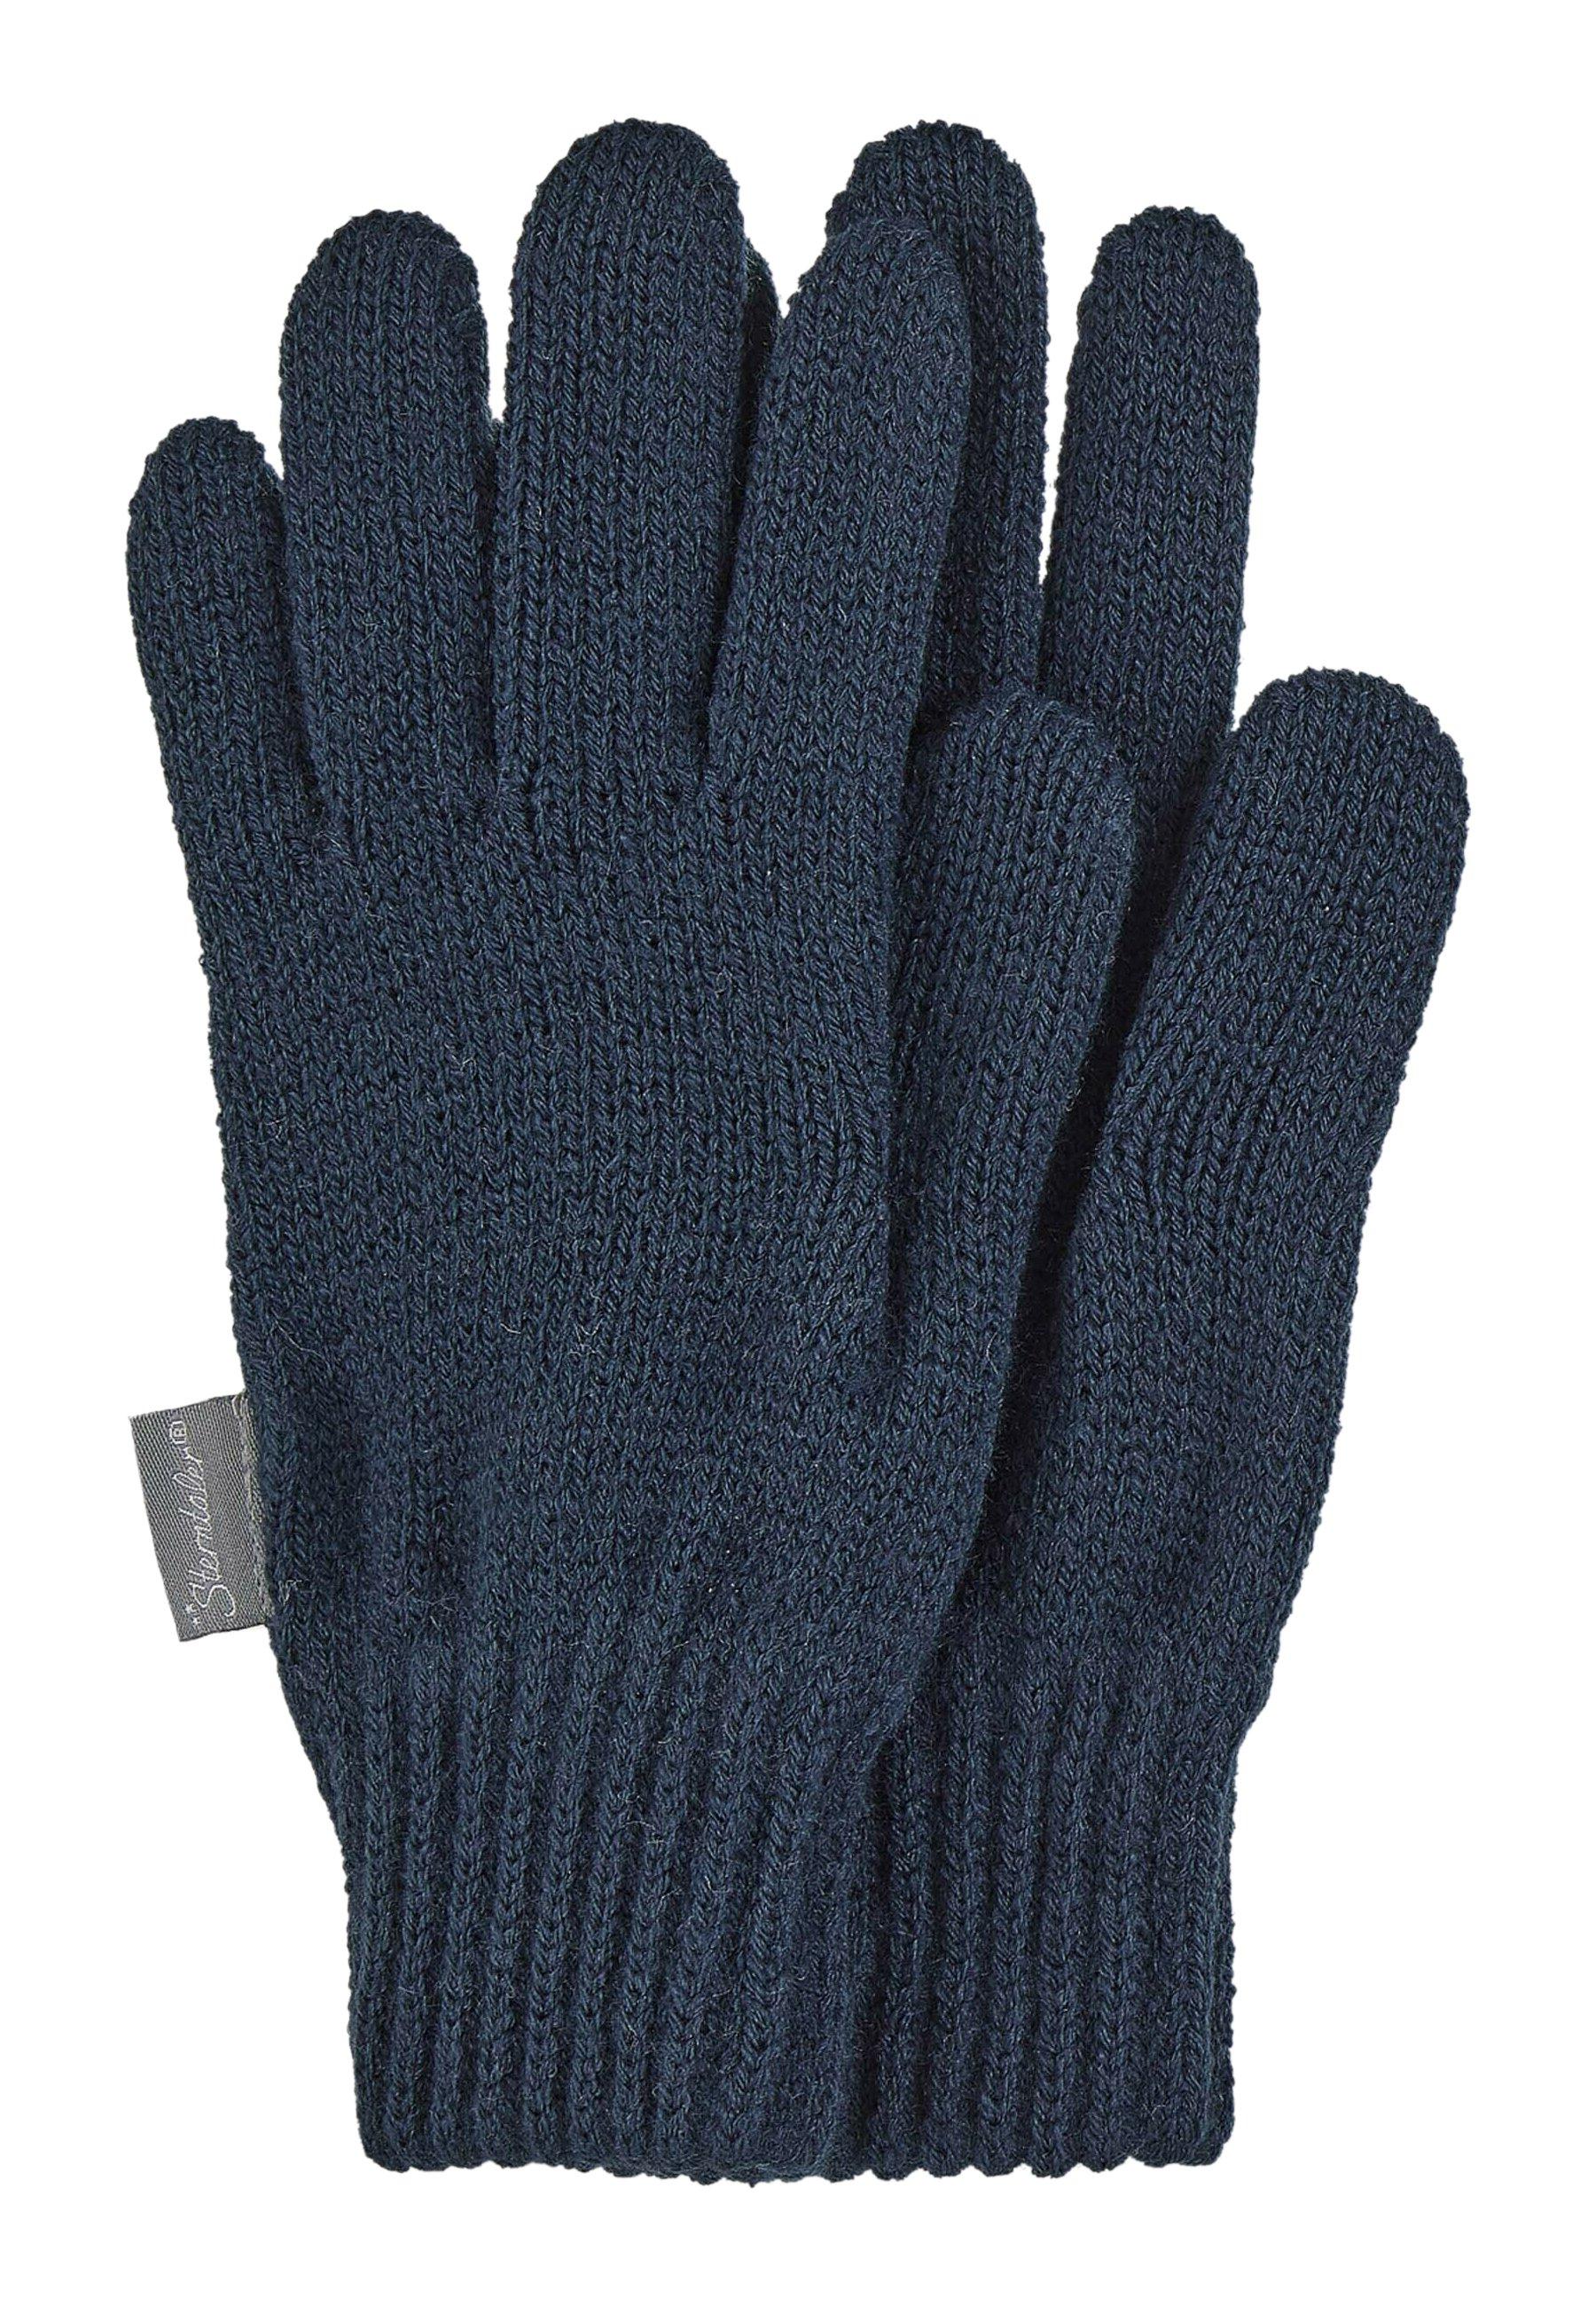 Kinder Fingerhandschuh